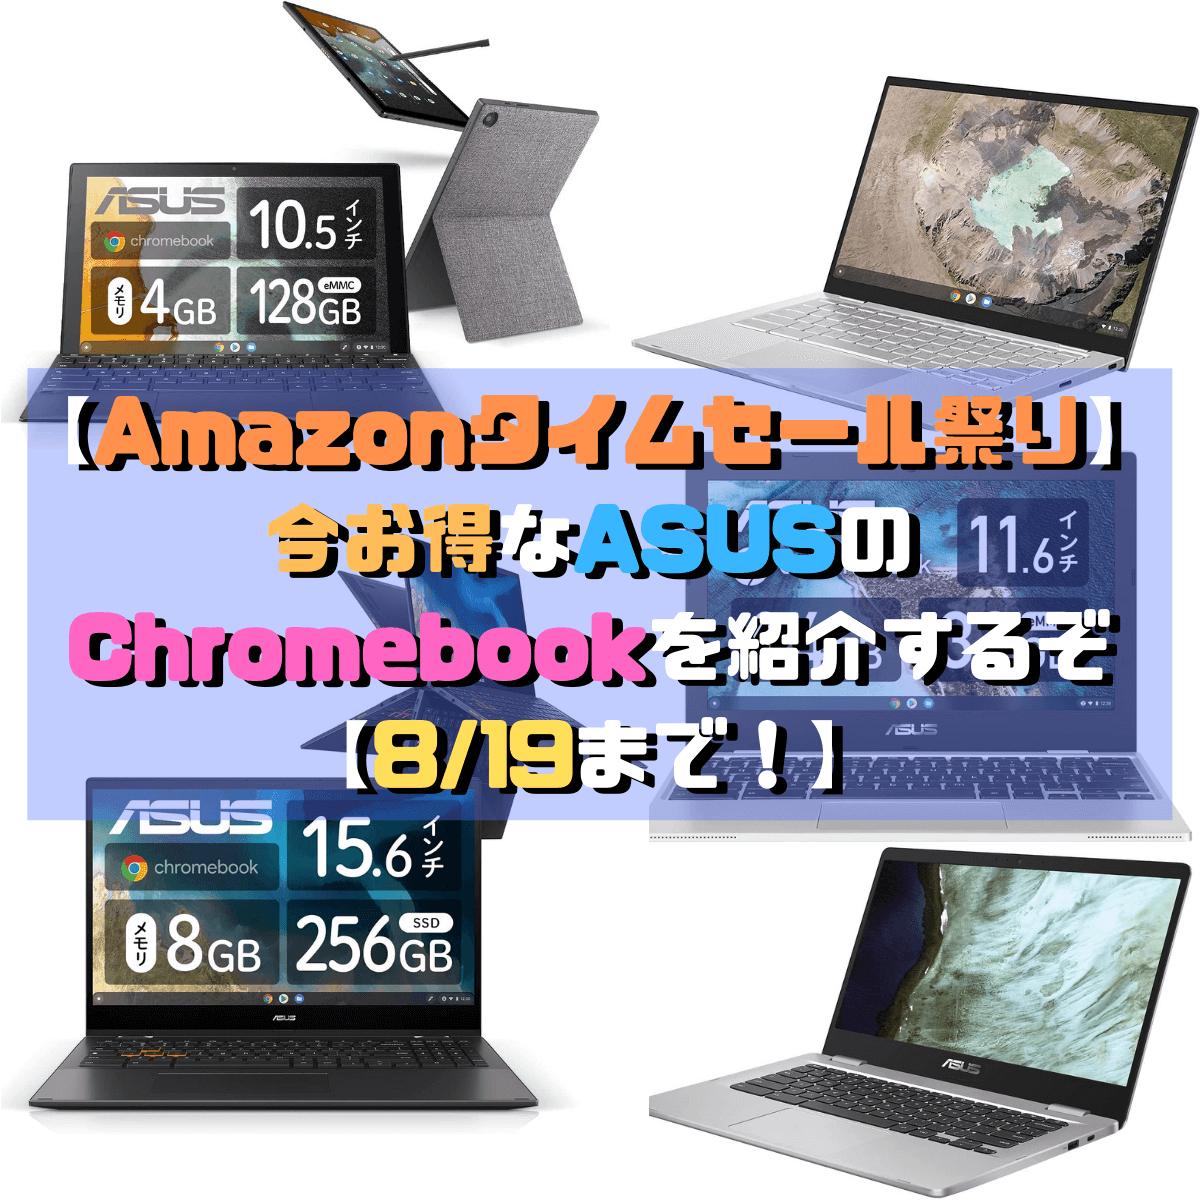 【Amazonタイムセール祭り】今お得なASUSのChromebookを紹介する【8/19まで!】